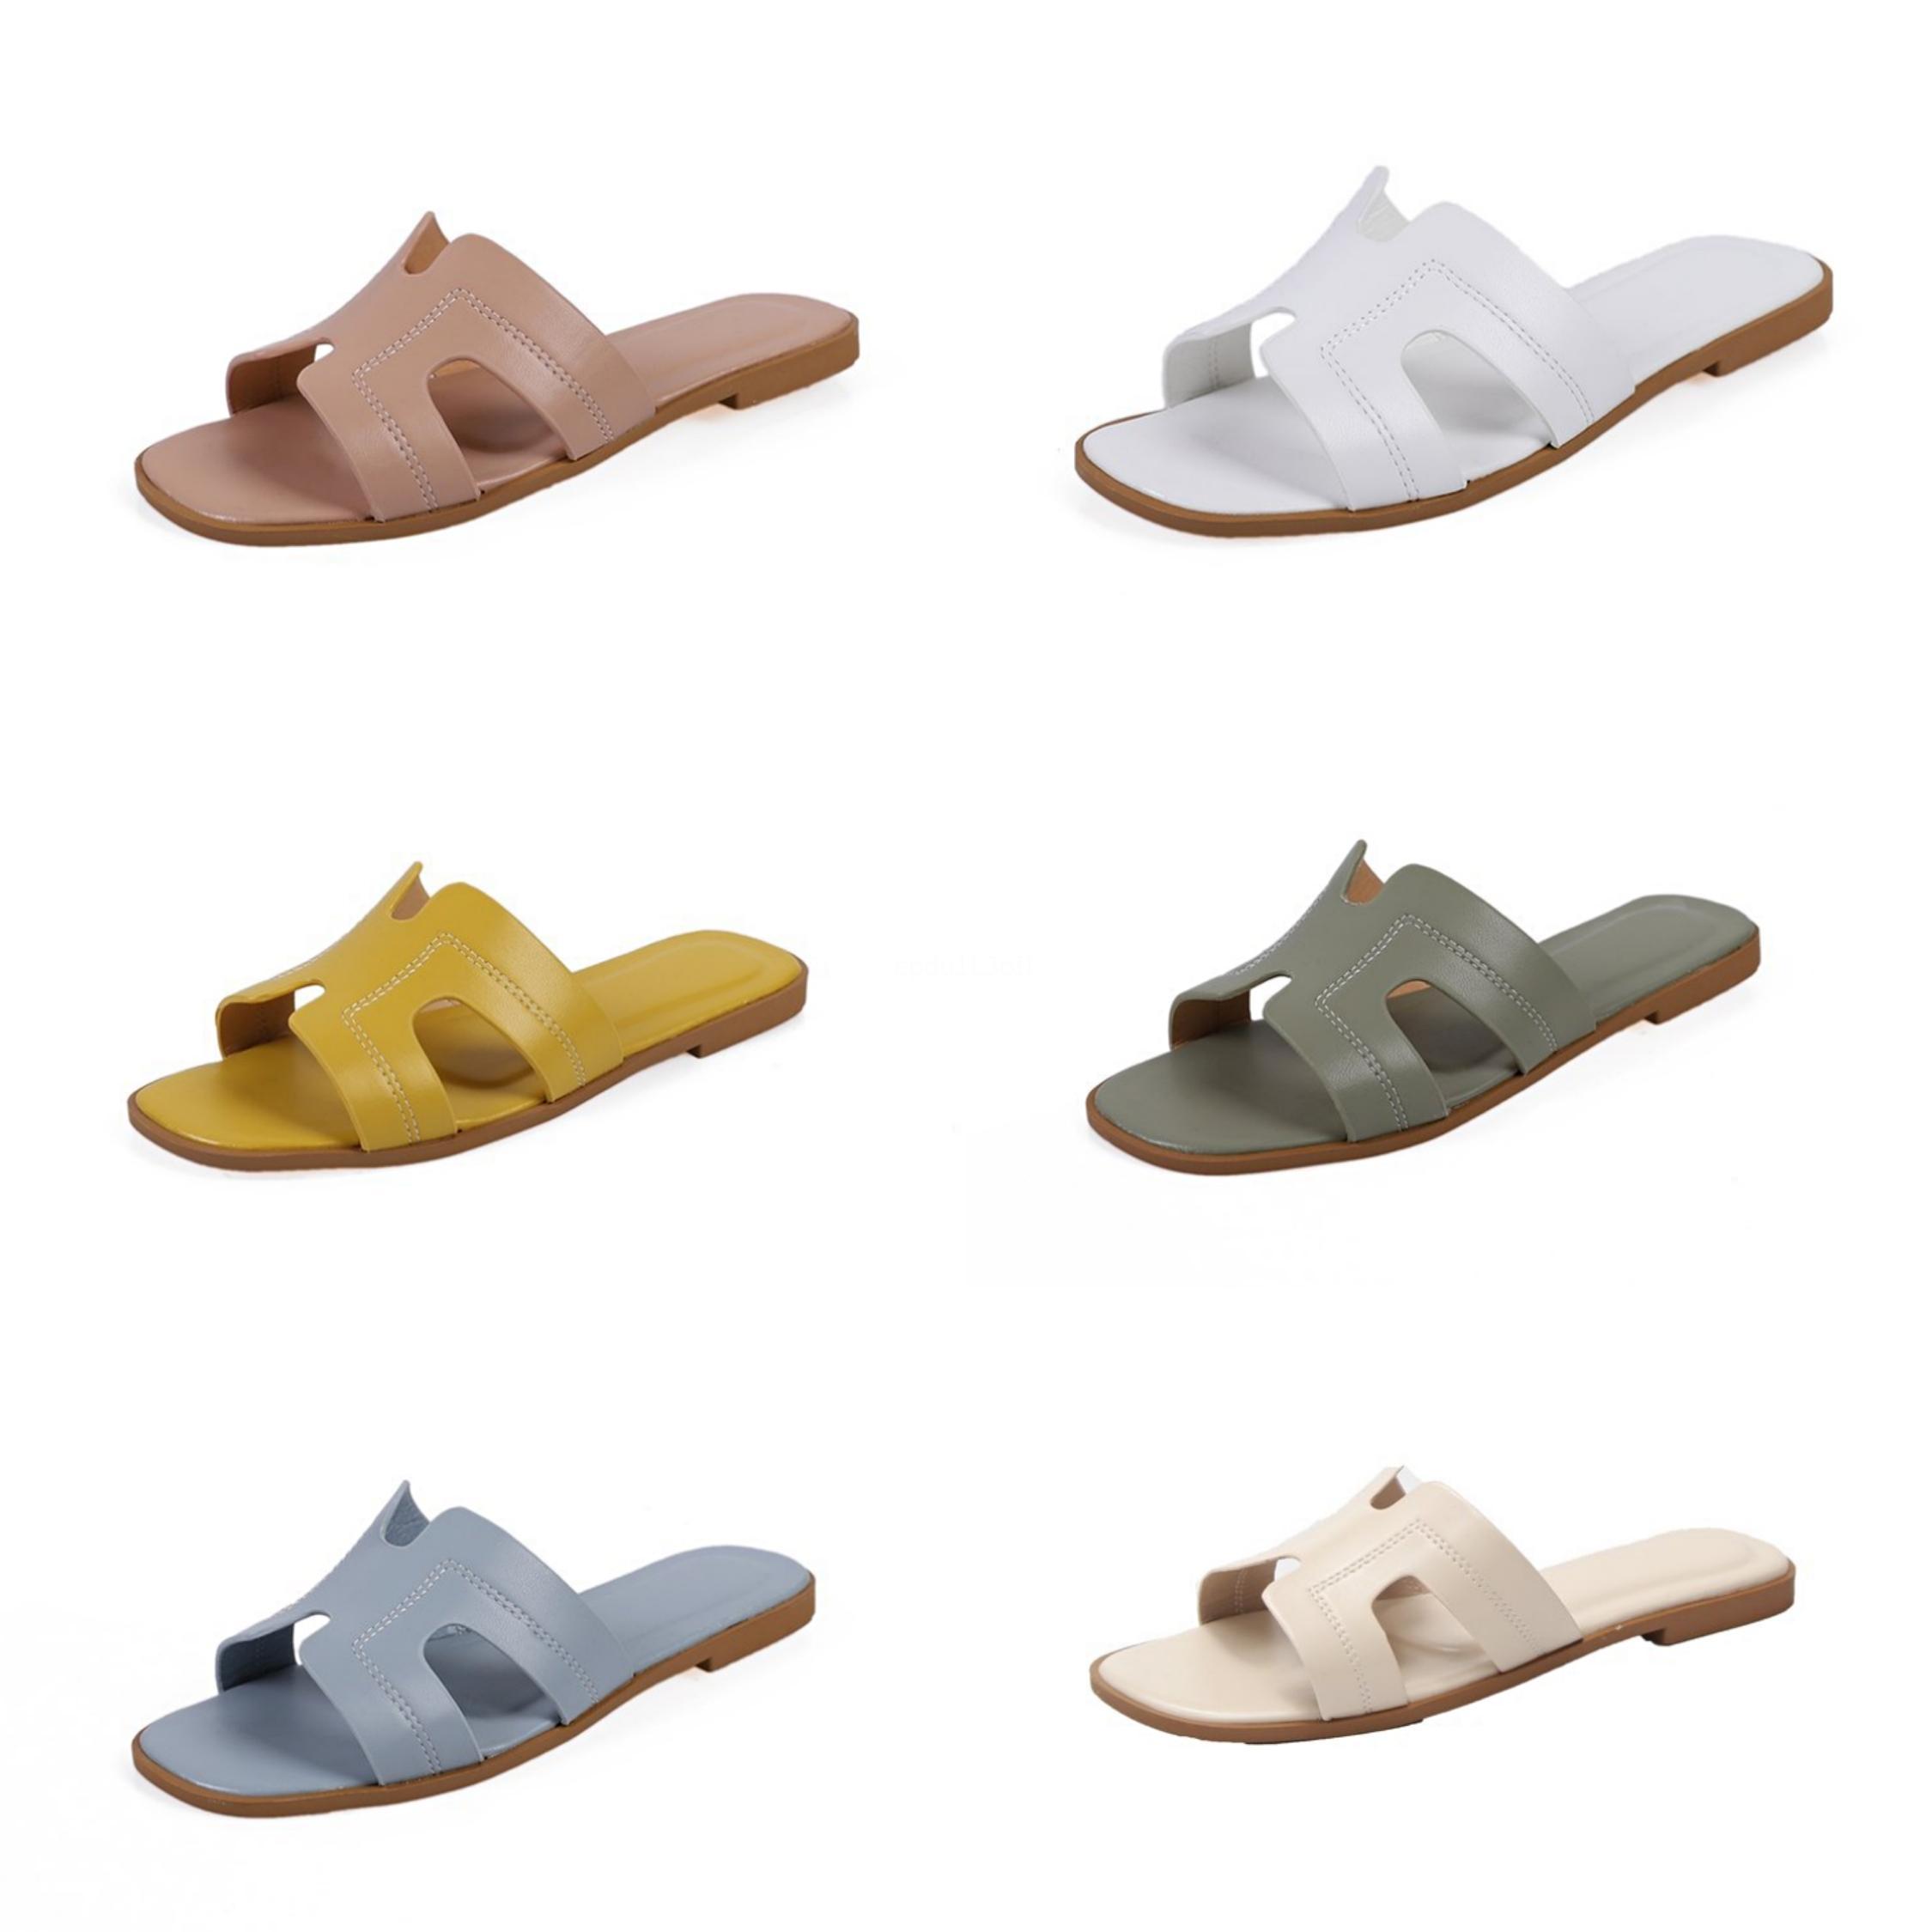 2020 Summer H Zapatos Niños Sandalias calientes de la venta de moda casual zapatos del bebé de la muchacha linda del niño zapatillas H Beach # 568